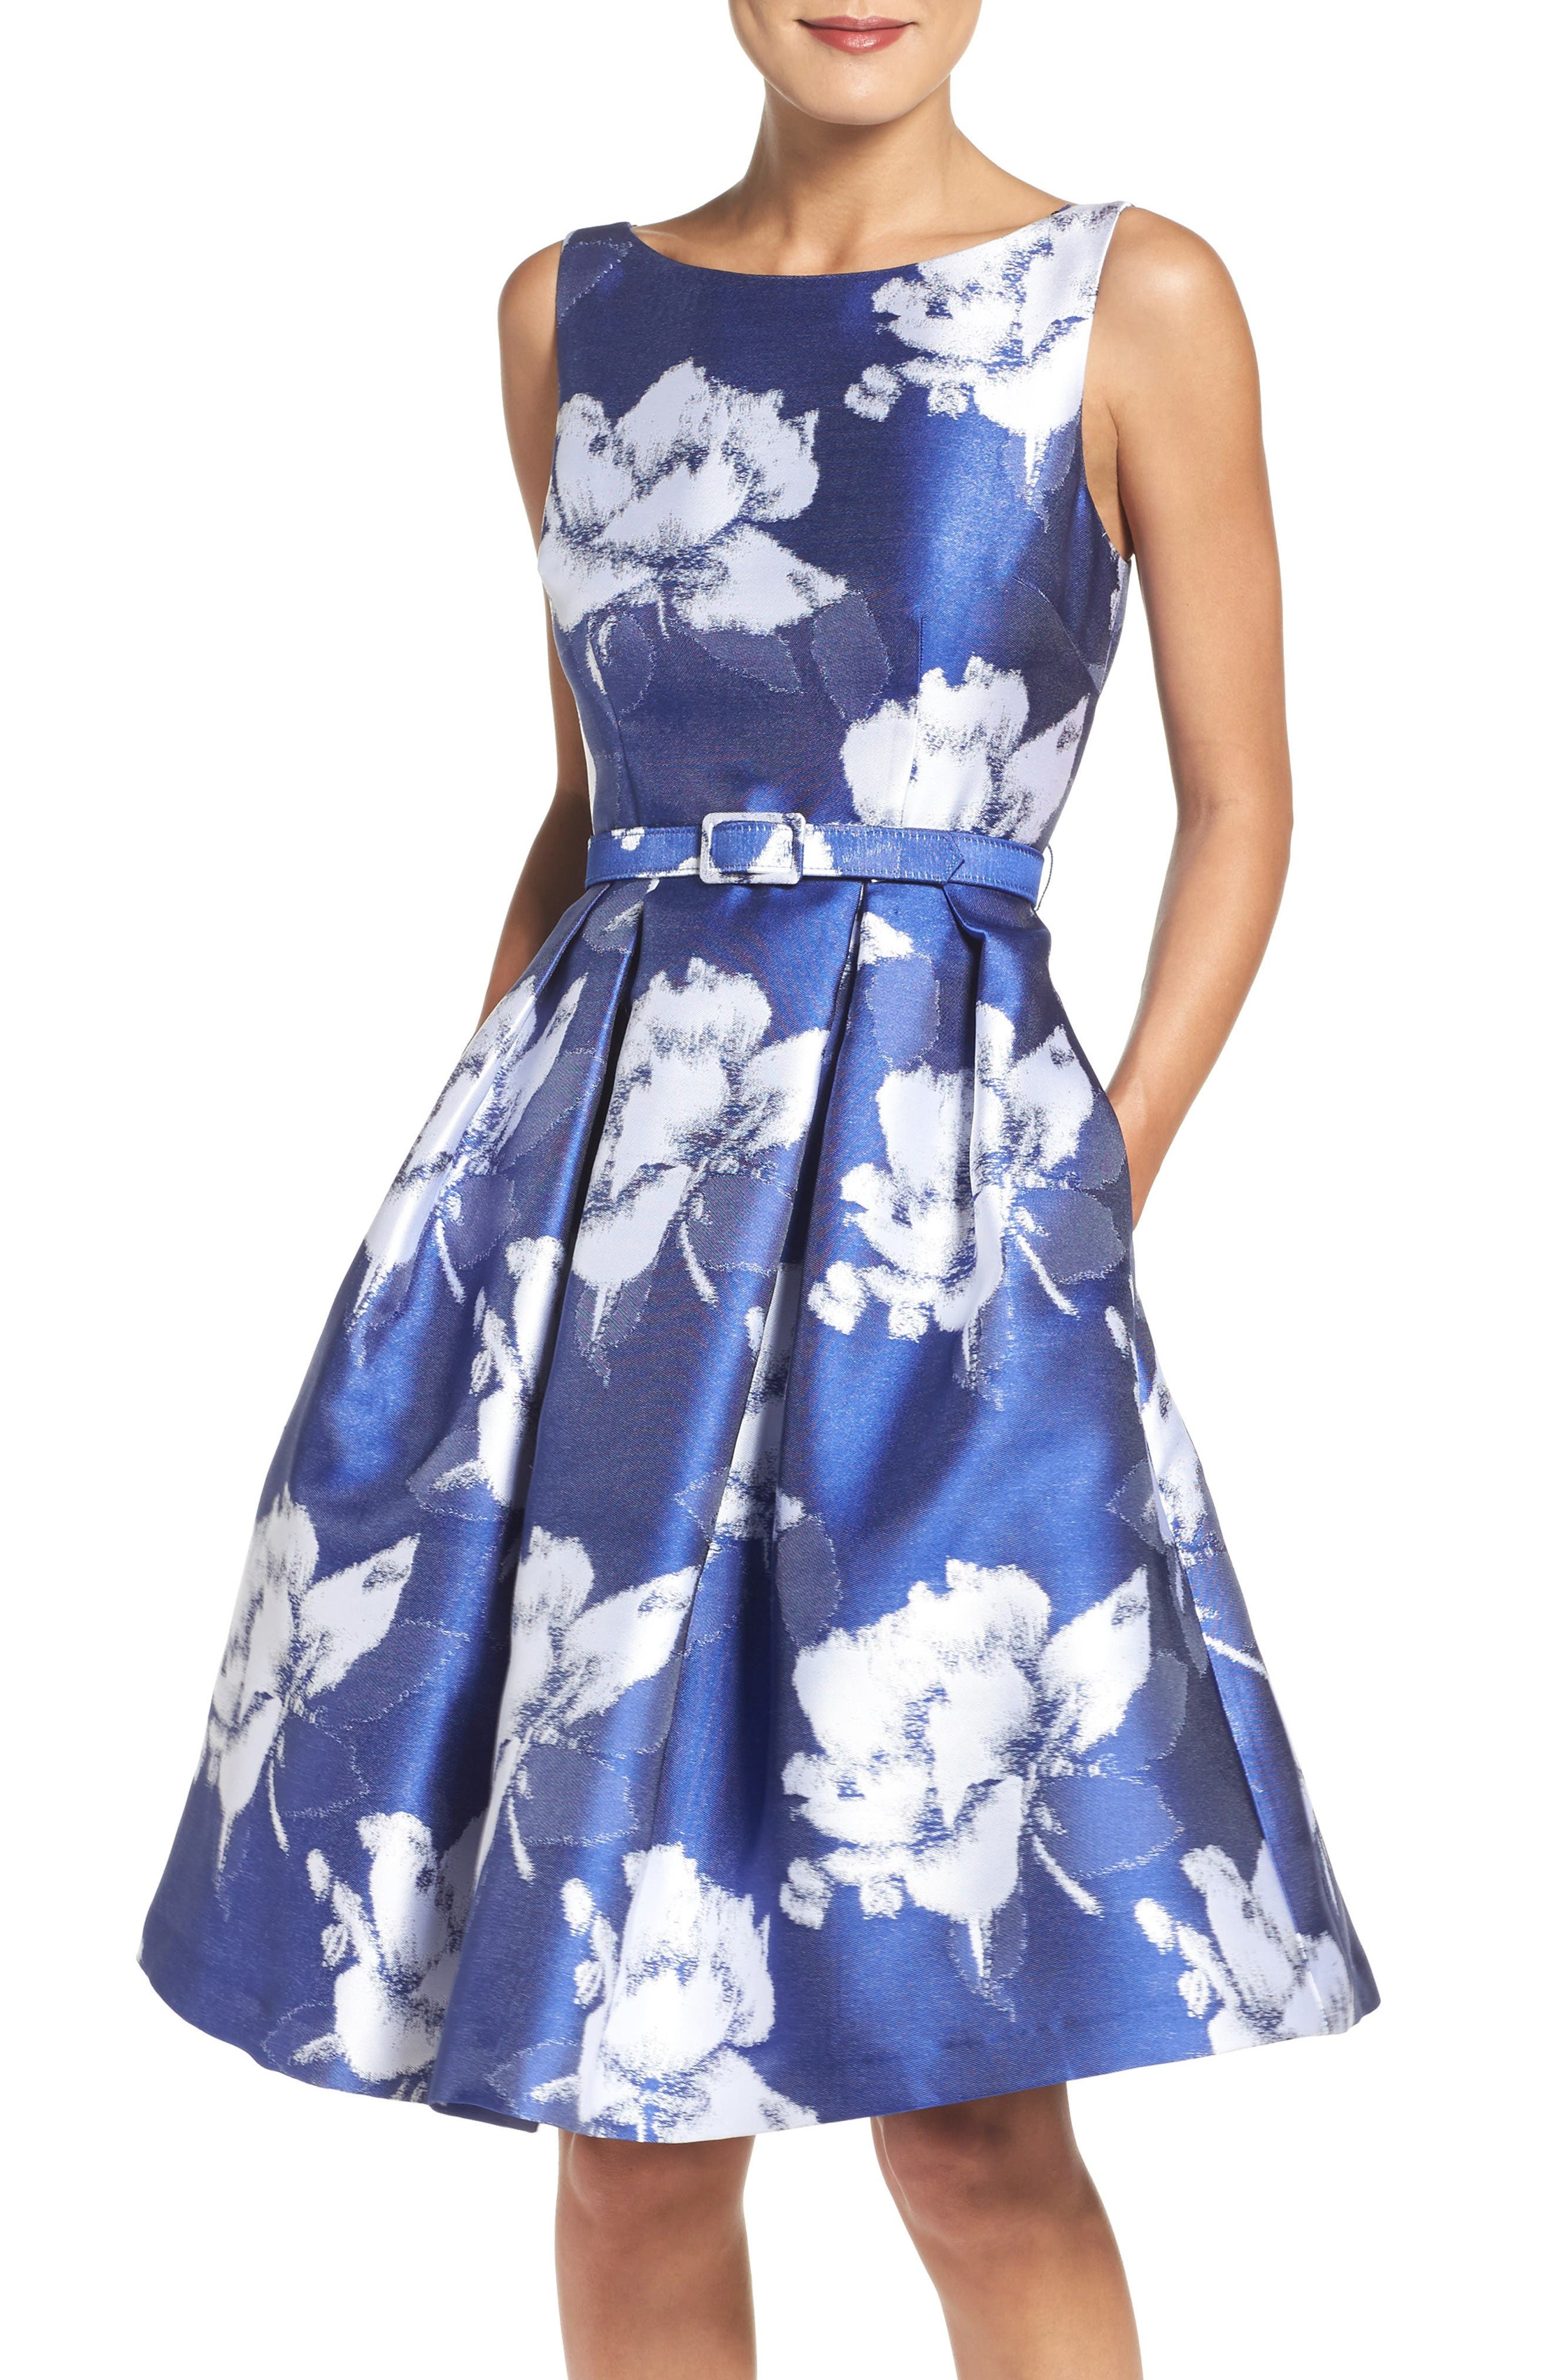 Alternate Image 1 Selected - Eliza J Belted Floral Jacquard Dress